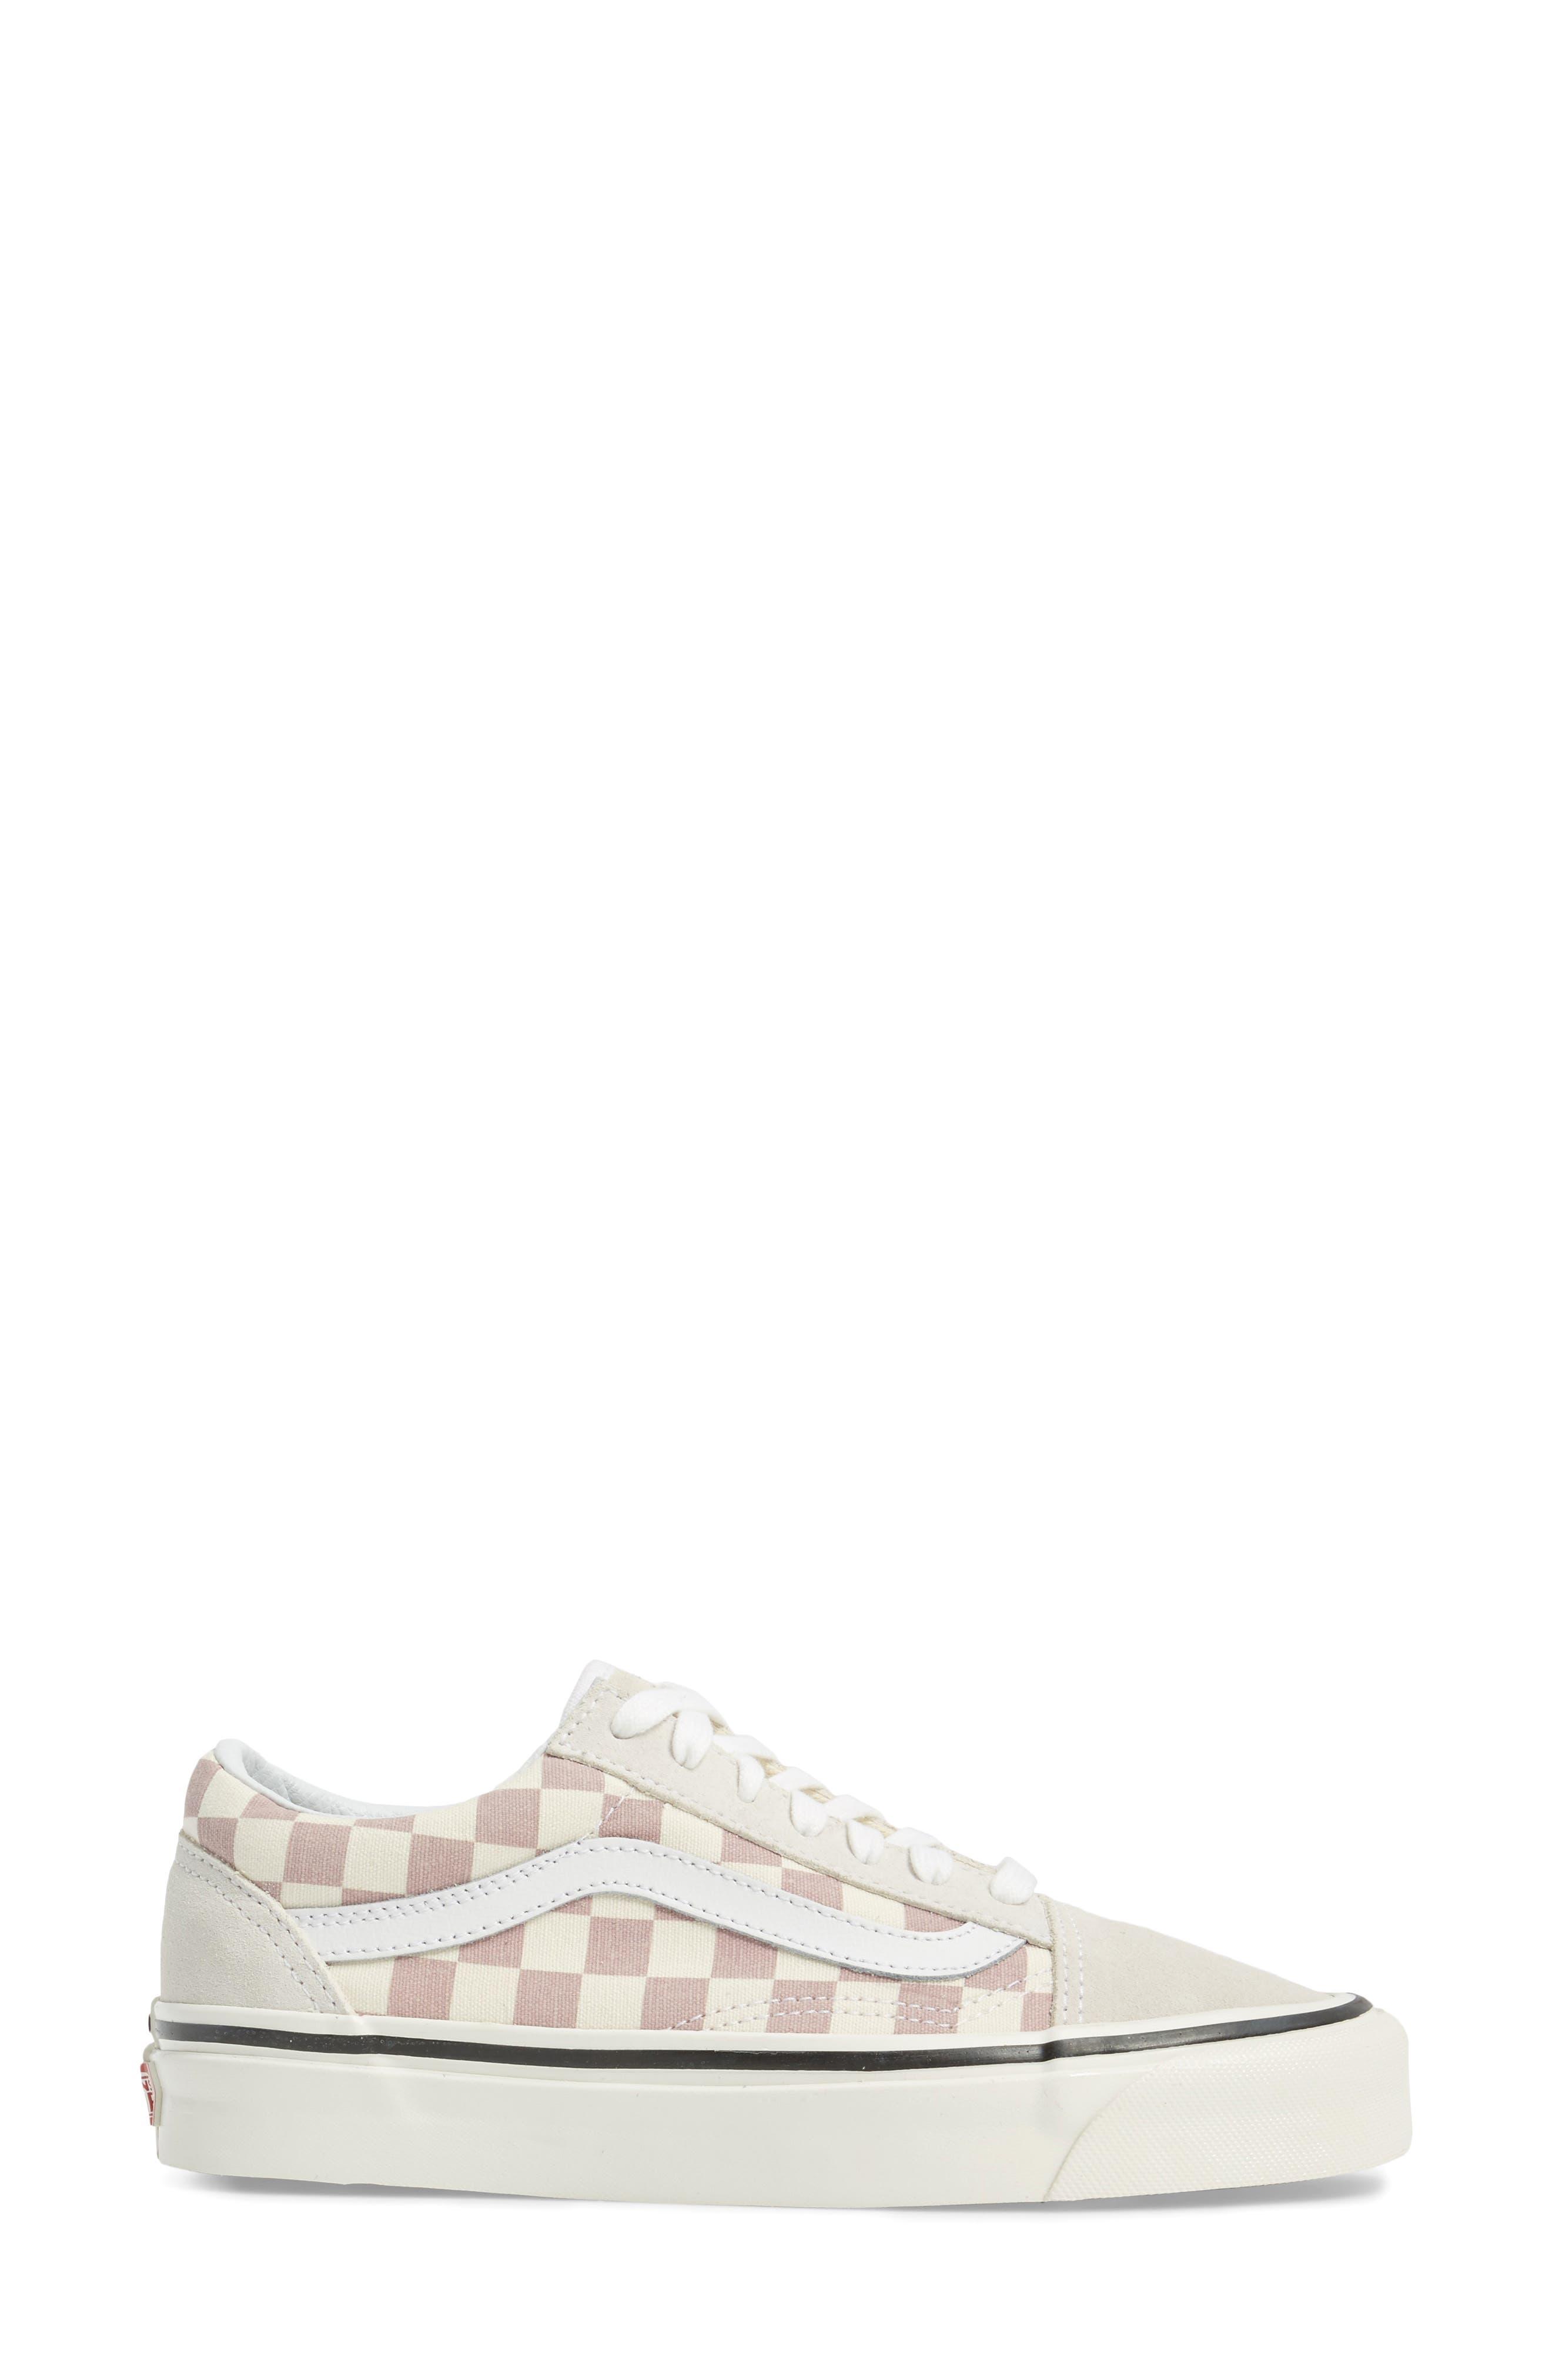 Alternate Image 3  - Vans Old Skool 36 DX Sneaker (Women)